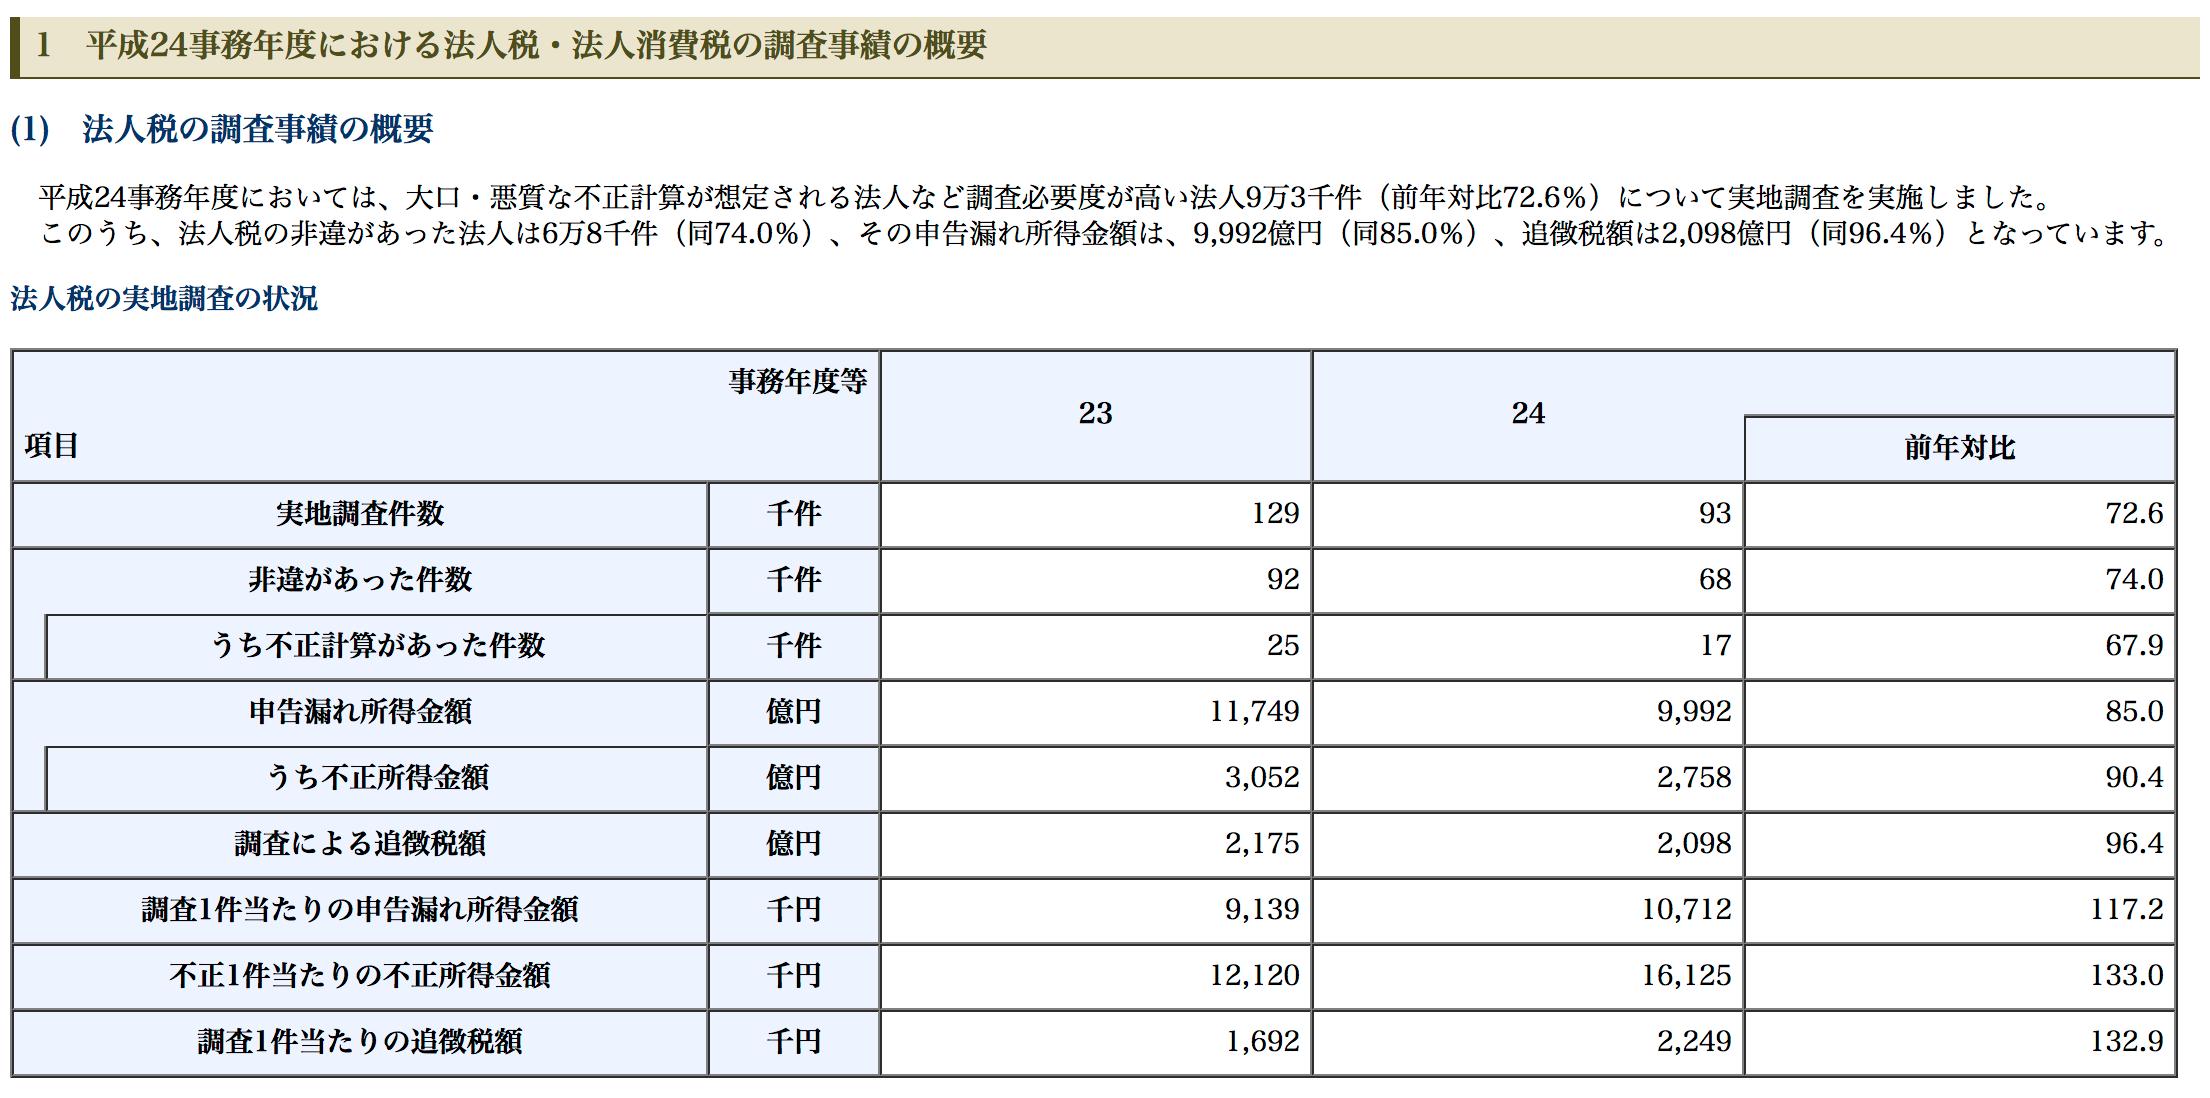 調査事績の概要|国税庁